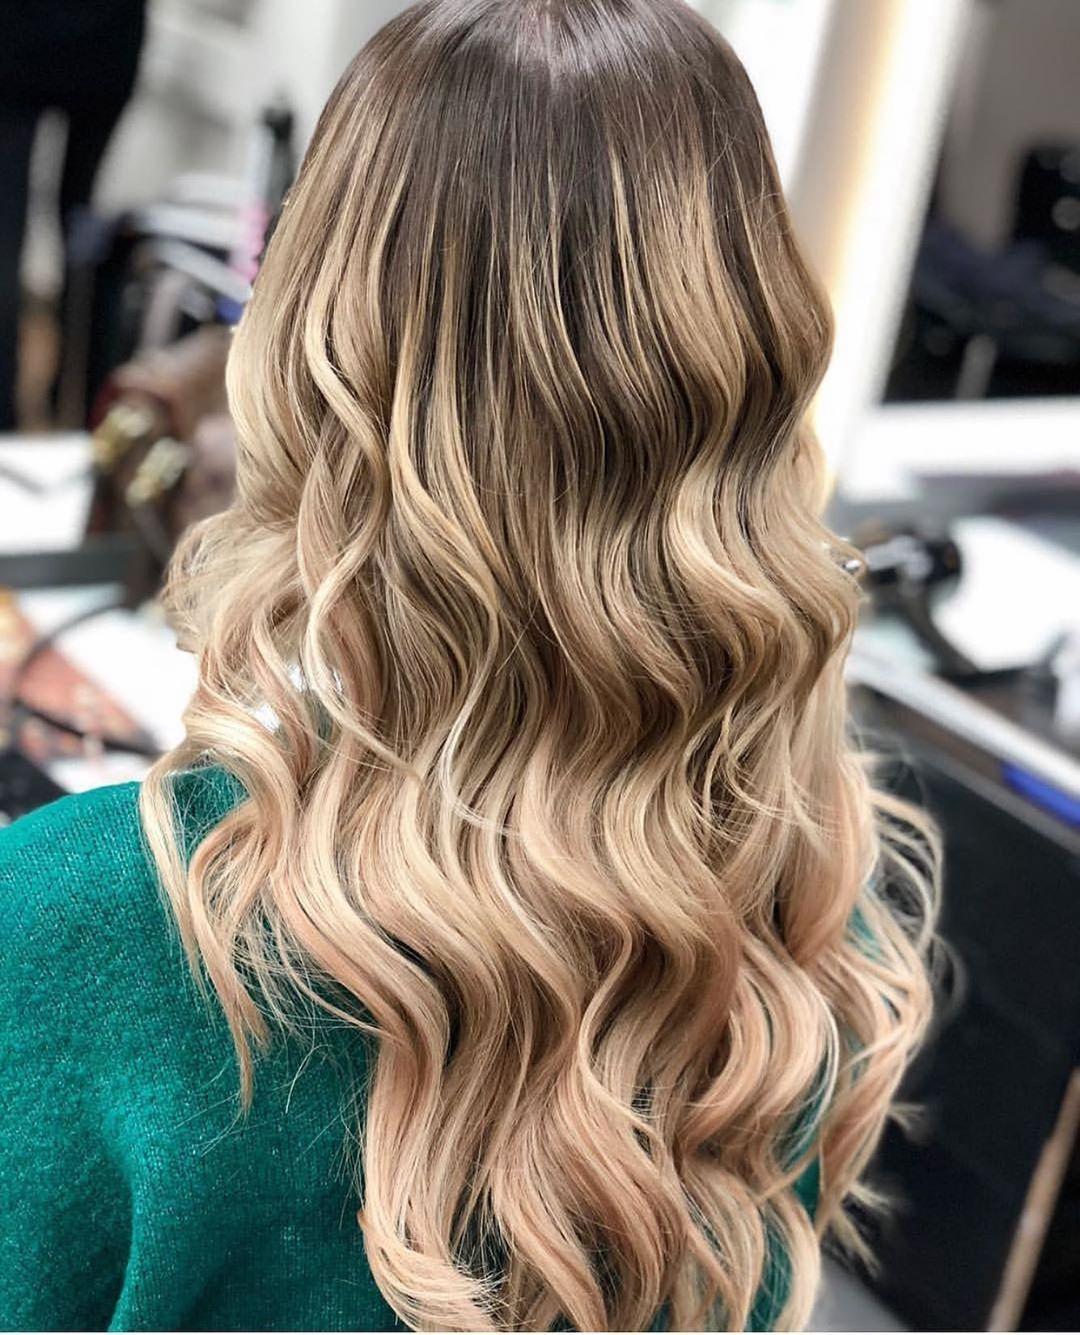 Blonde braun haare und Haarfarbe auffrischen